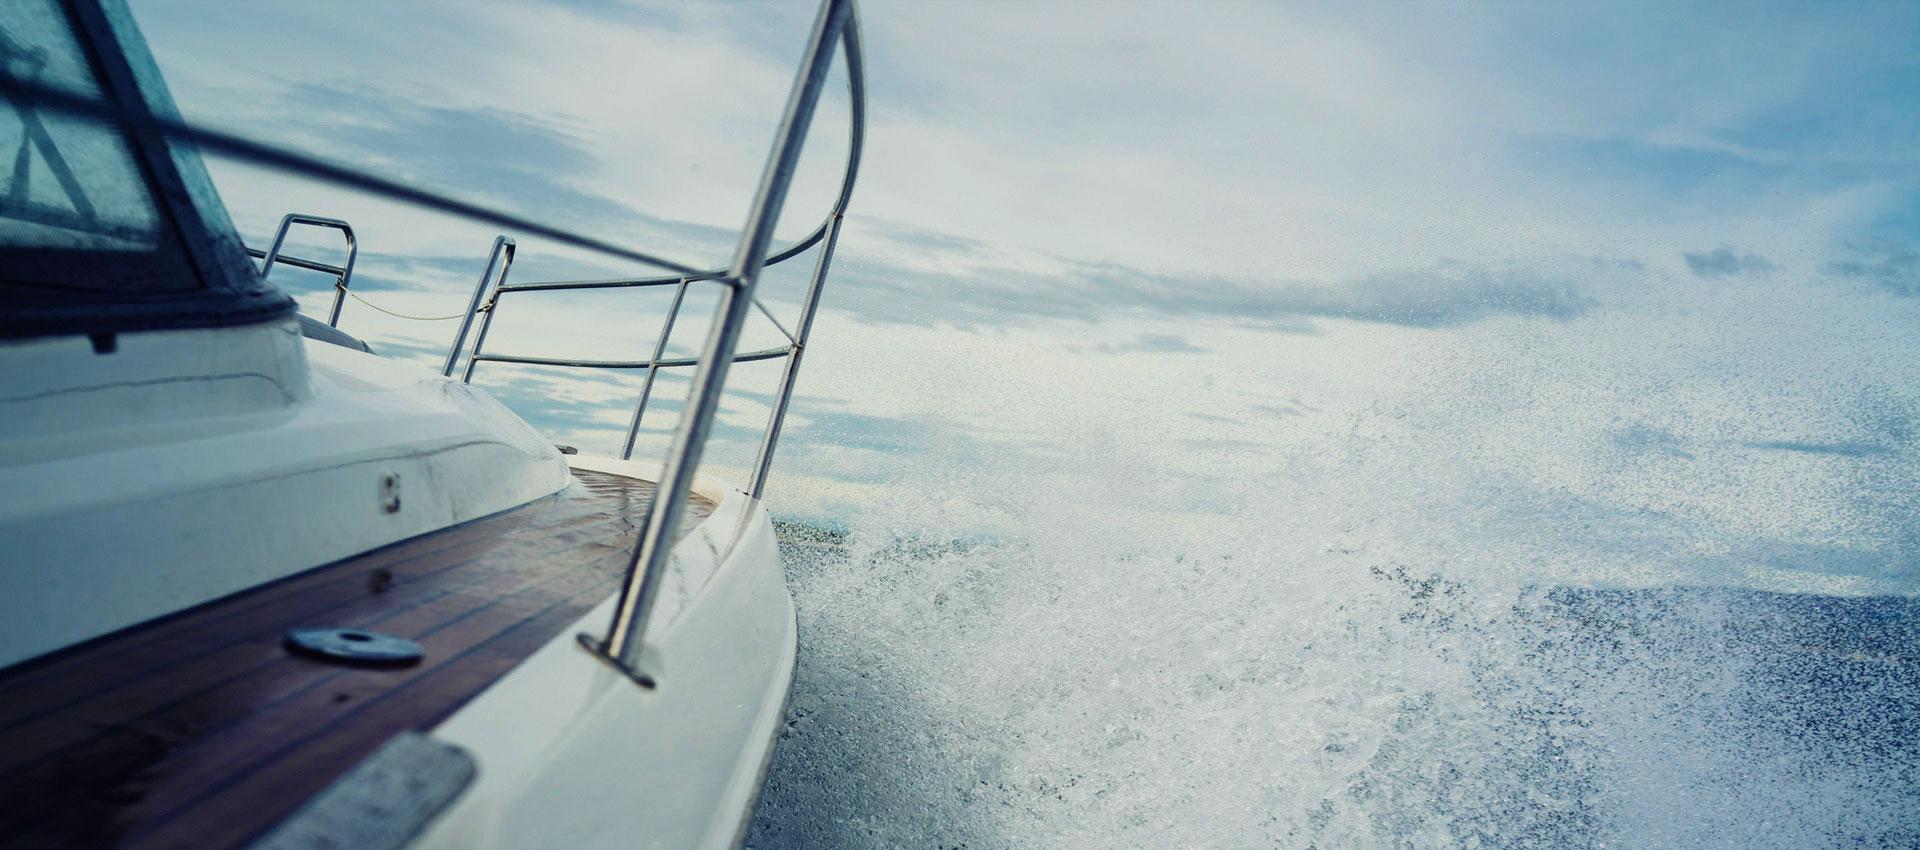 bateau ecole nerib votre permis bateau lyon grenoble st etienne. Black Bedroom Furniture Sets. Home Design Ideas